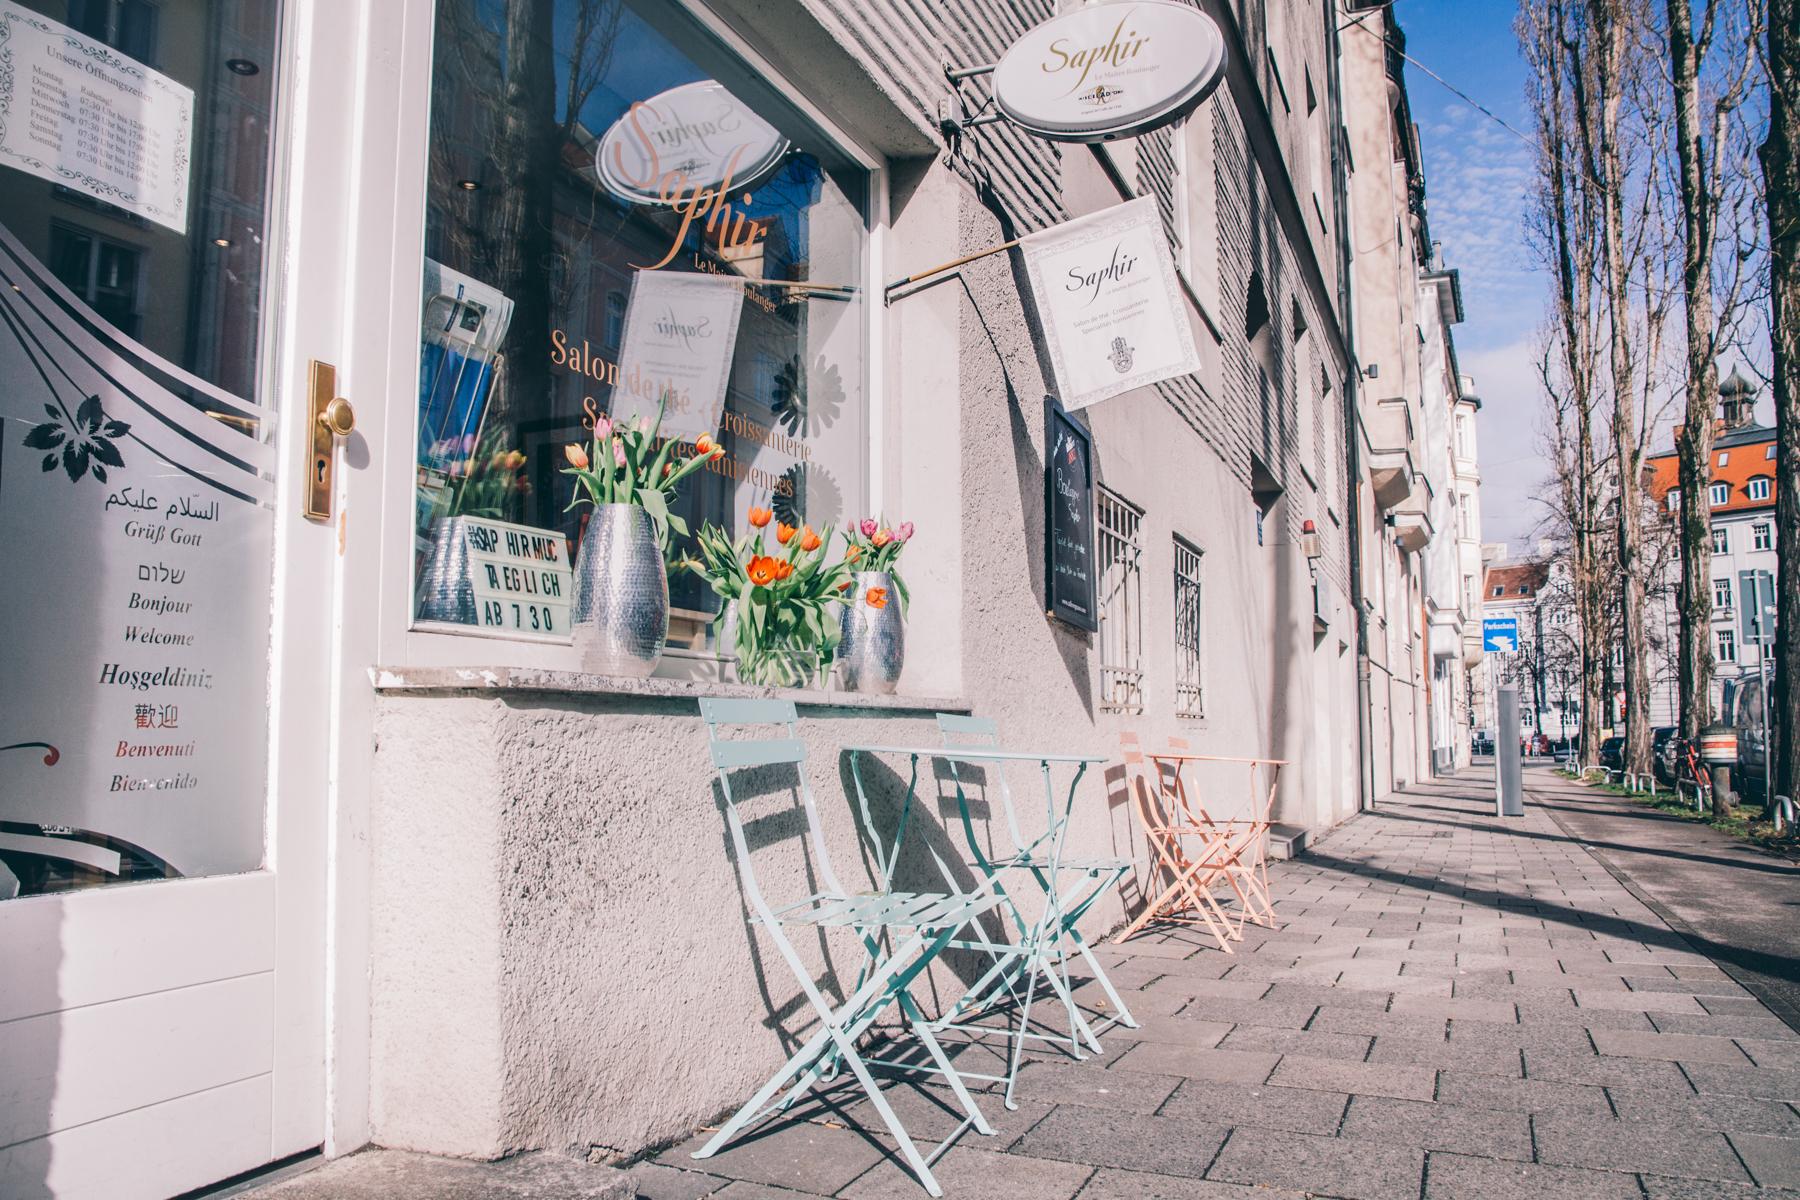 Sunny side of life. – ©wunderland media GmbH